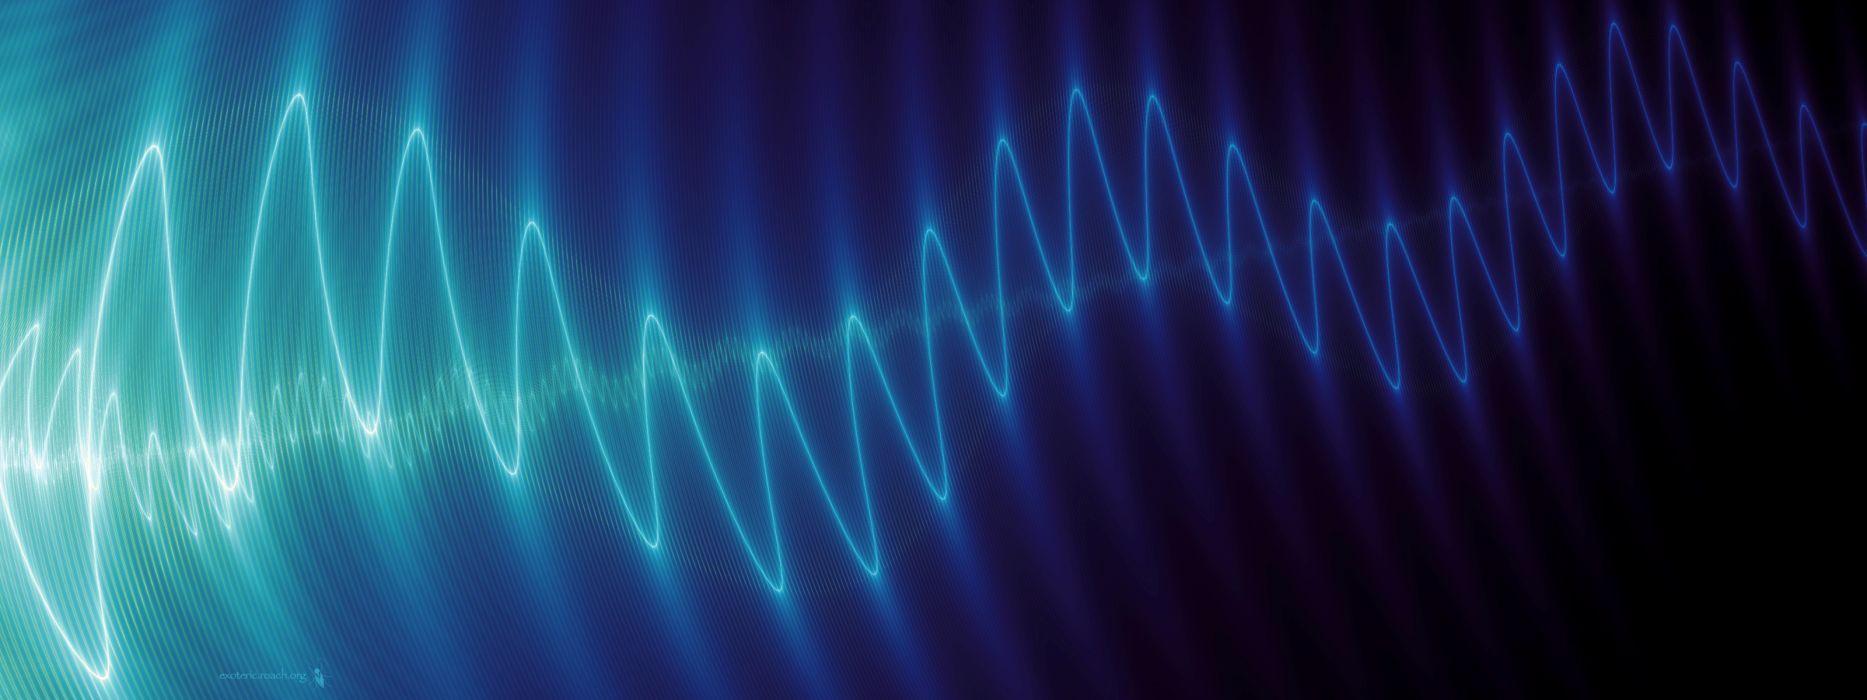 Light abstract waves fractals dual screen sound blatte wallpaper